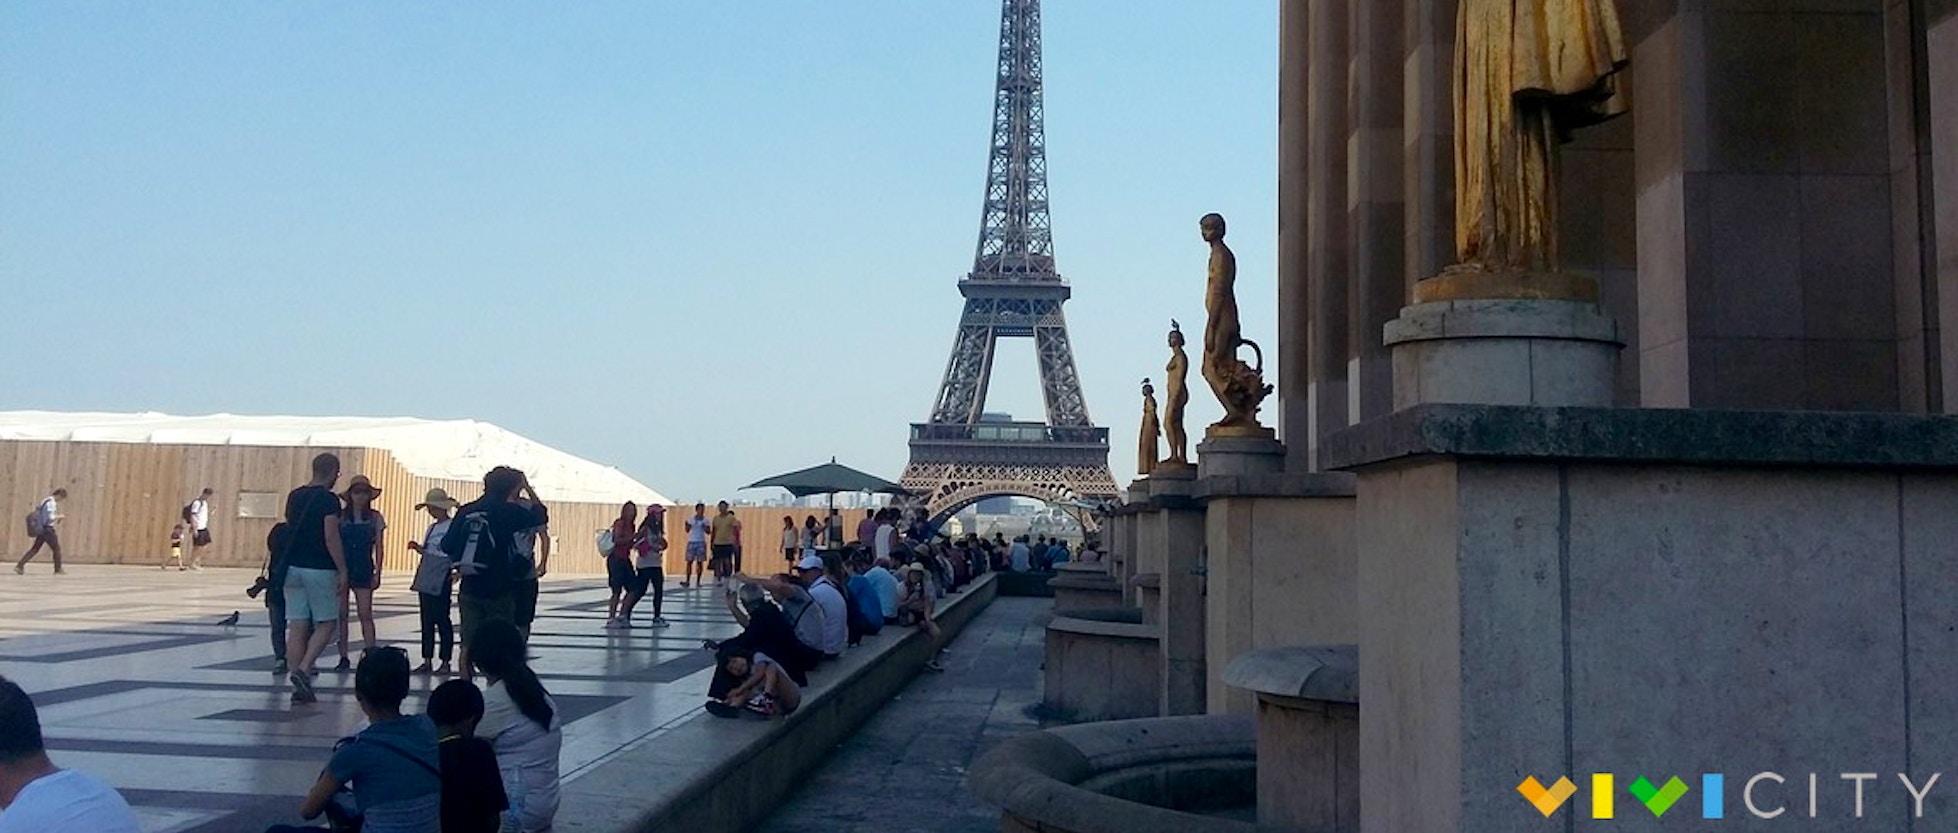 6 consigli per risparmiare se vieni a Parigi | VIVI Parigi